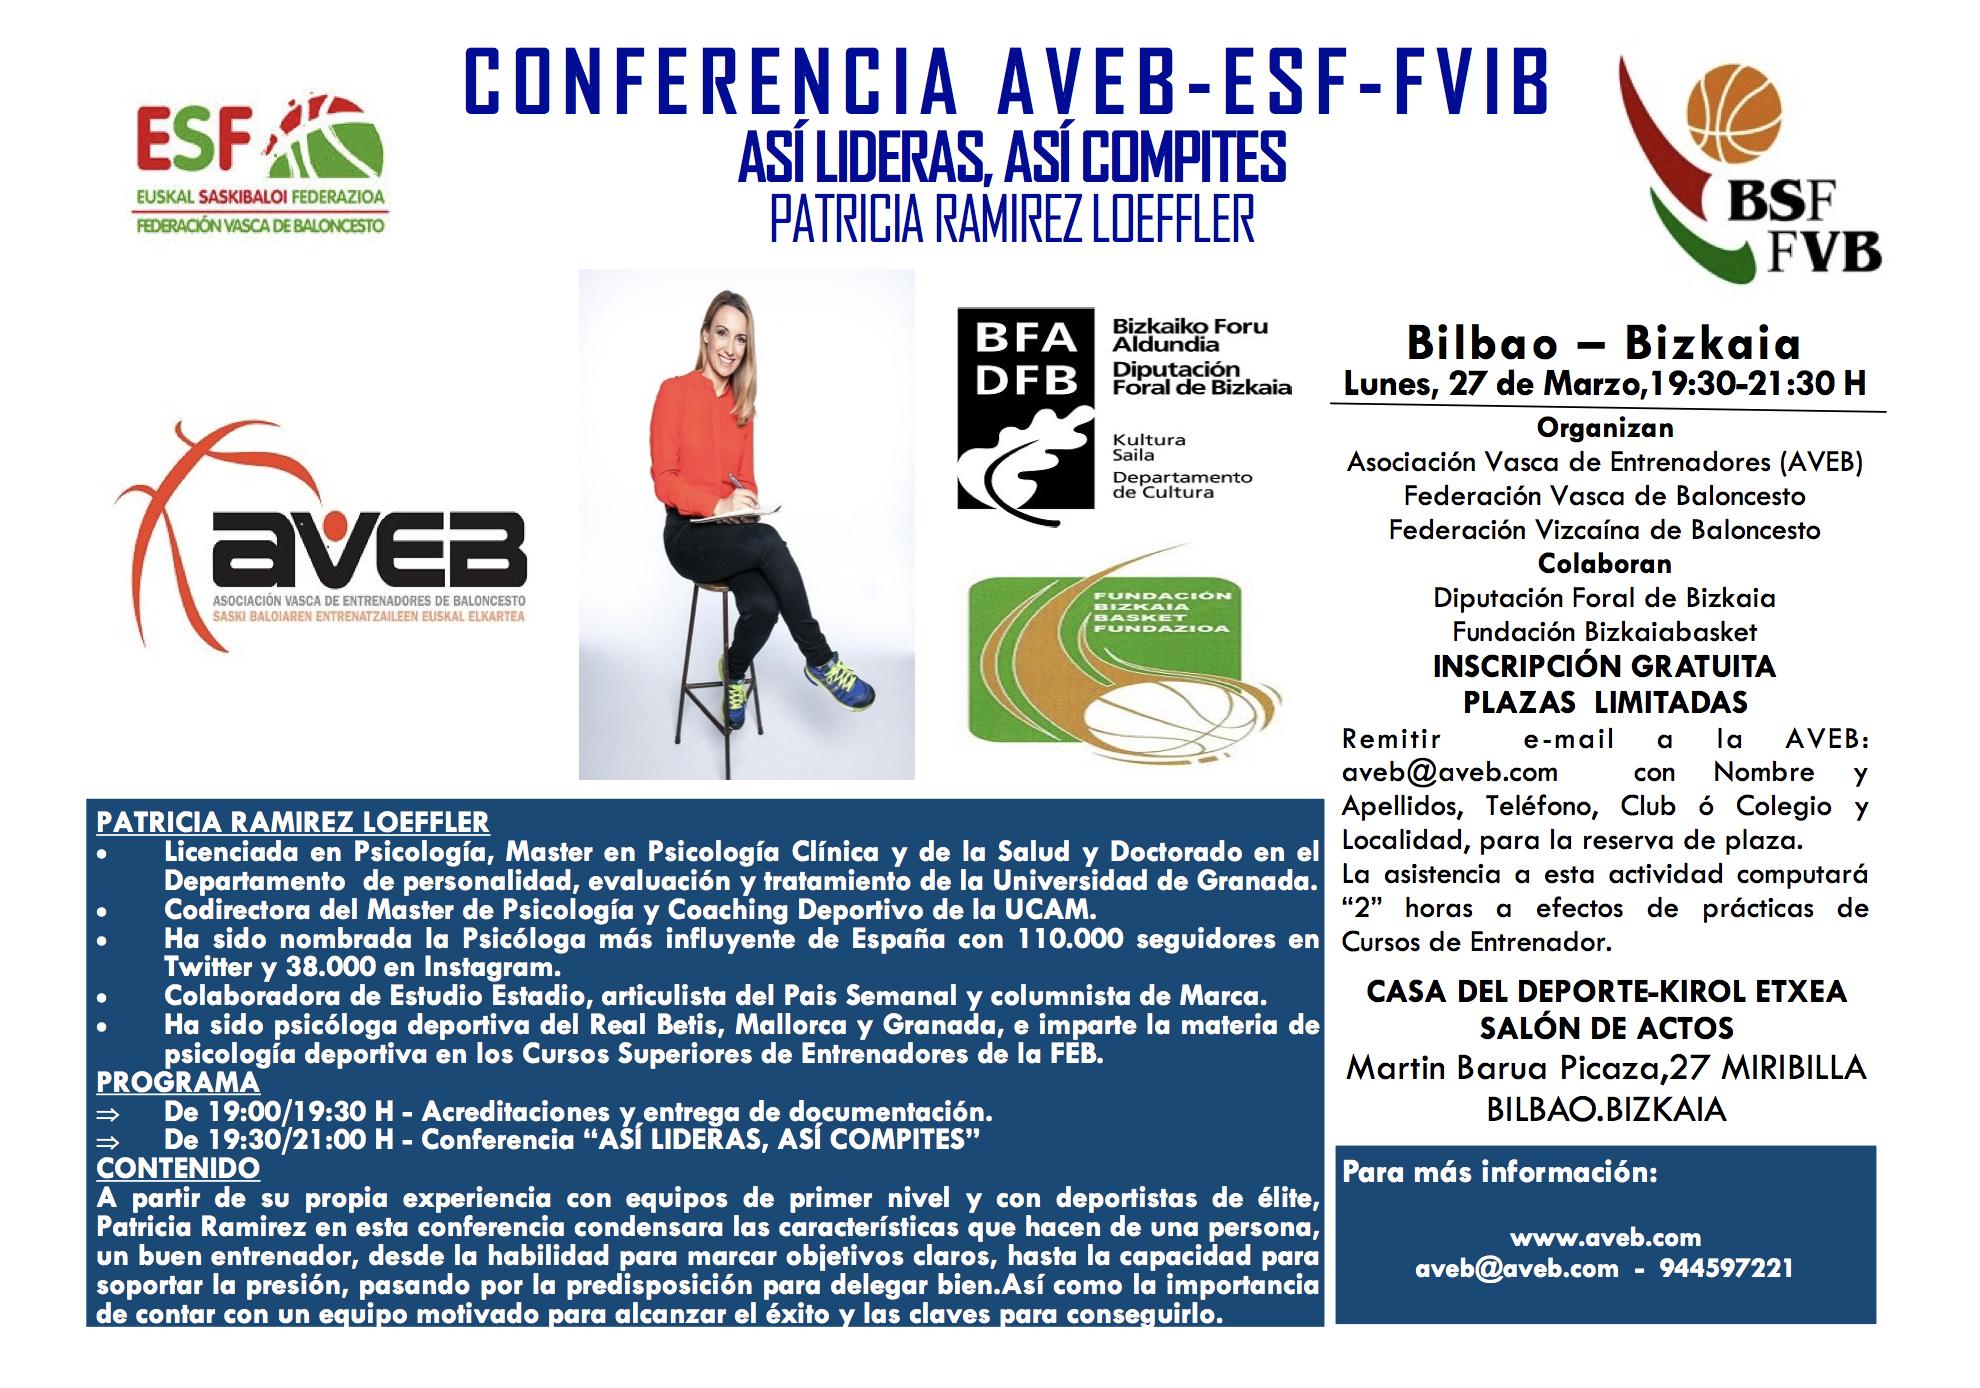 CONFERENCIA: 'Así lideras, así compites', con Patricia Ramírez, organizada por AVEB